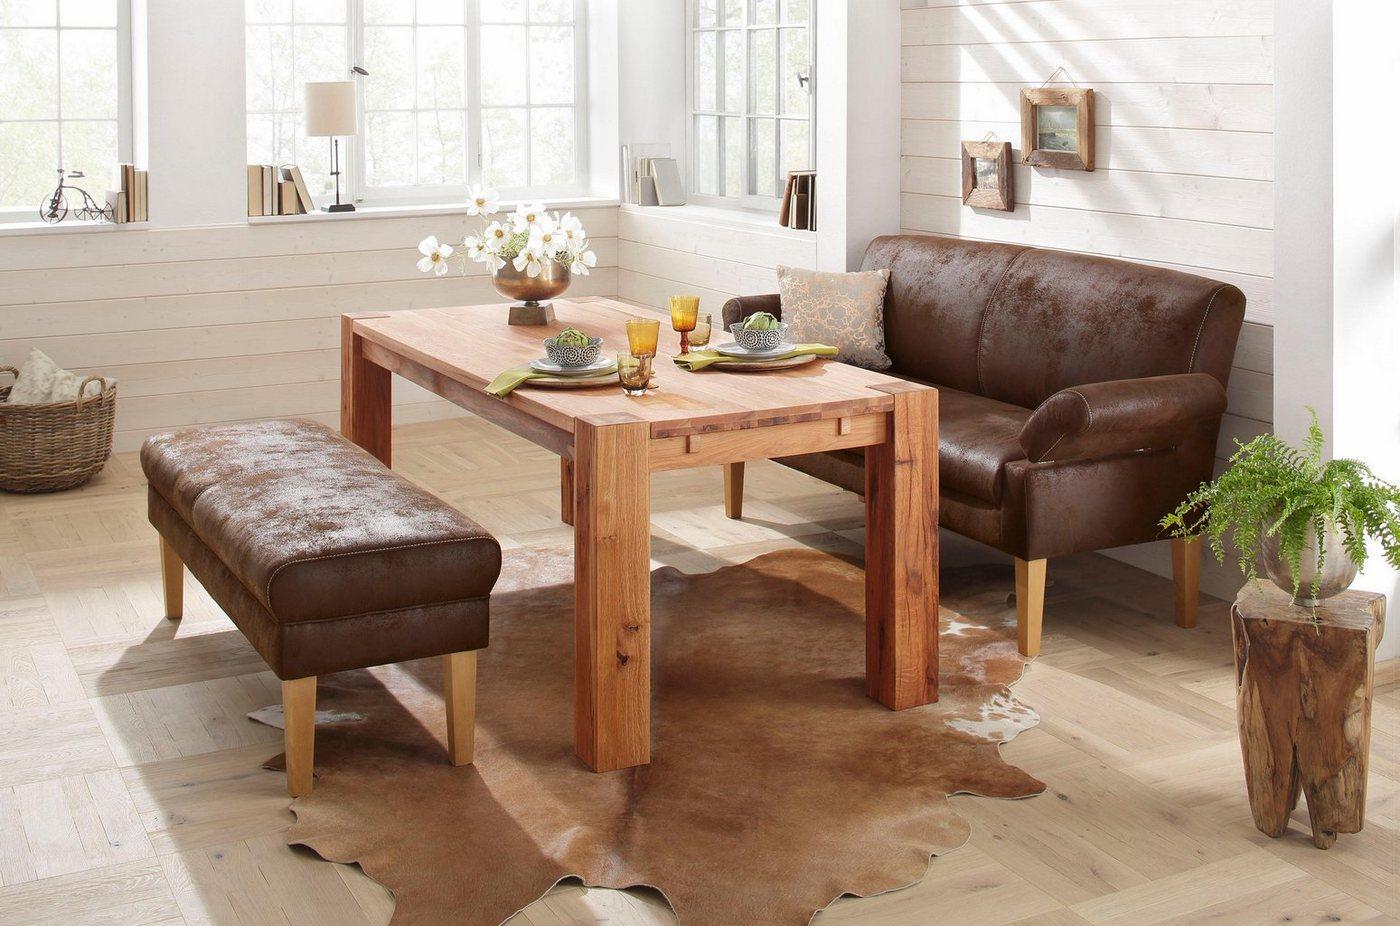 HOME AFFAIRE 3-zits eetbank Malmö, als meubel voor de eethoek